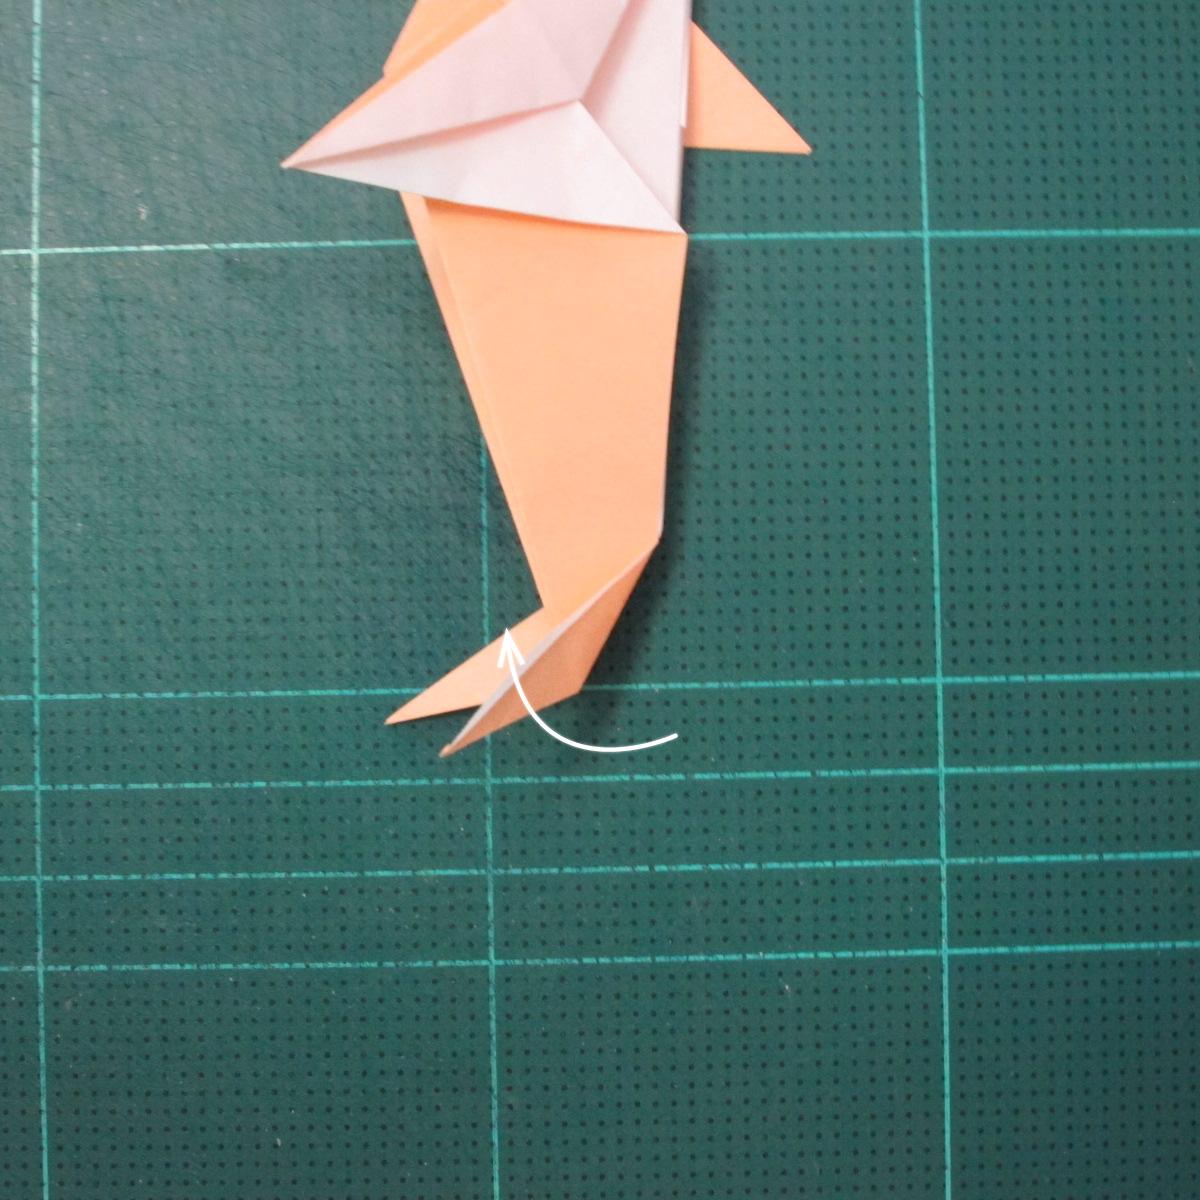 วิธีพับกระดาษเป็นรูปปลาโลมาแบบง่าย (Easy Origami Dolphin) 018